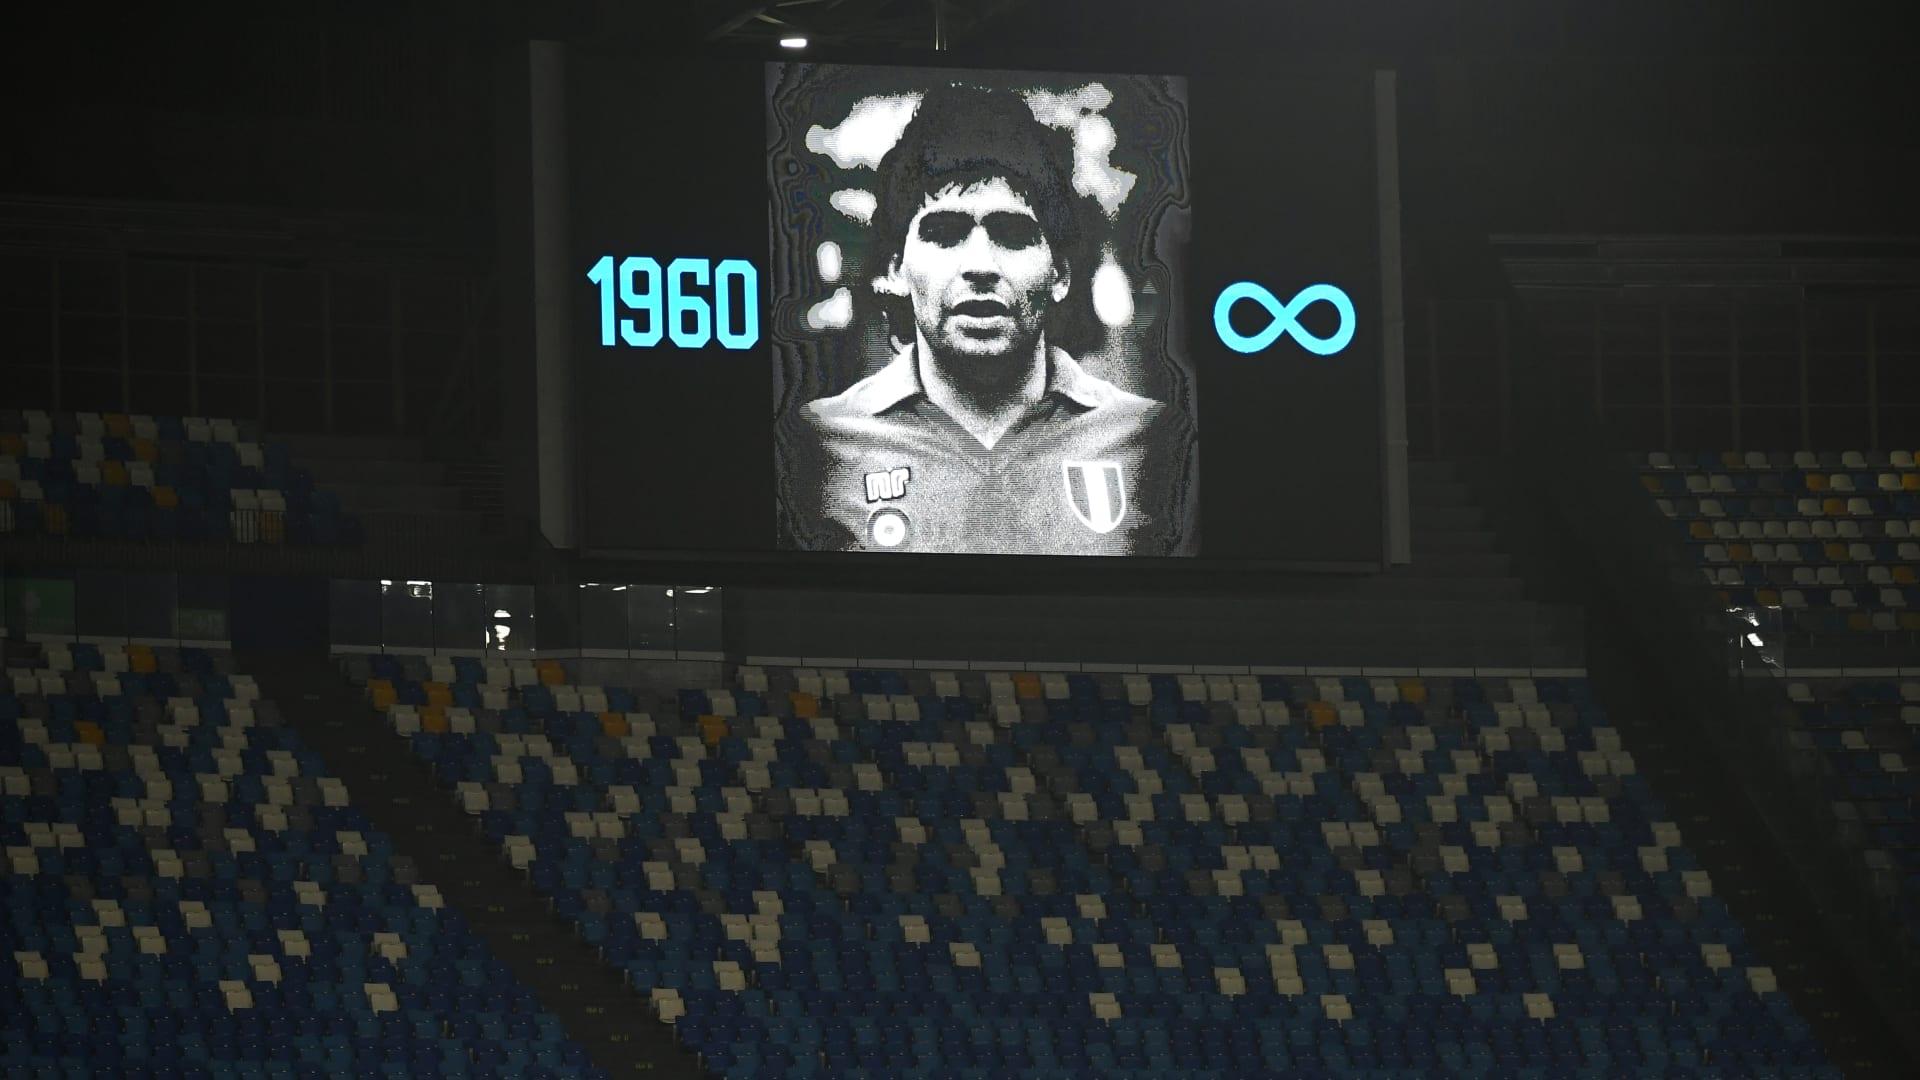 إعادة تسمية ملعب نادي نابولي باسم نجمه الراحل دييغو مارادونا